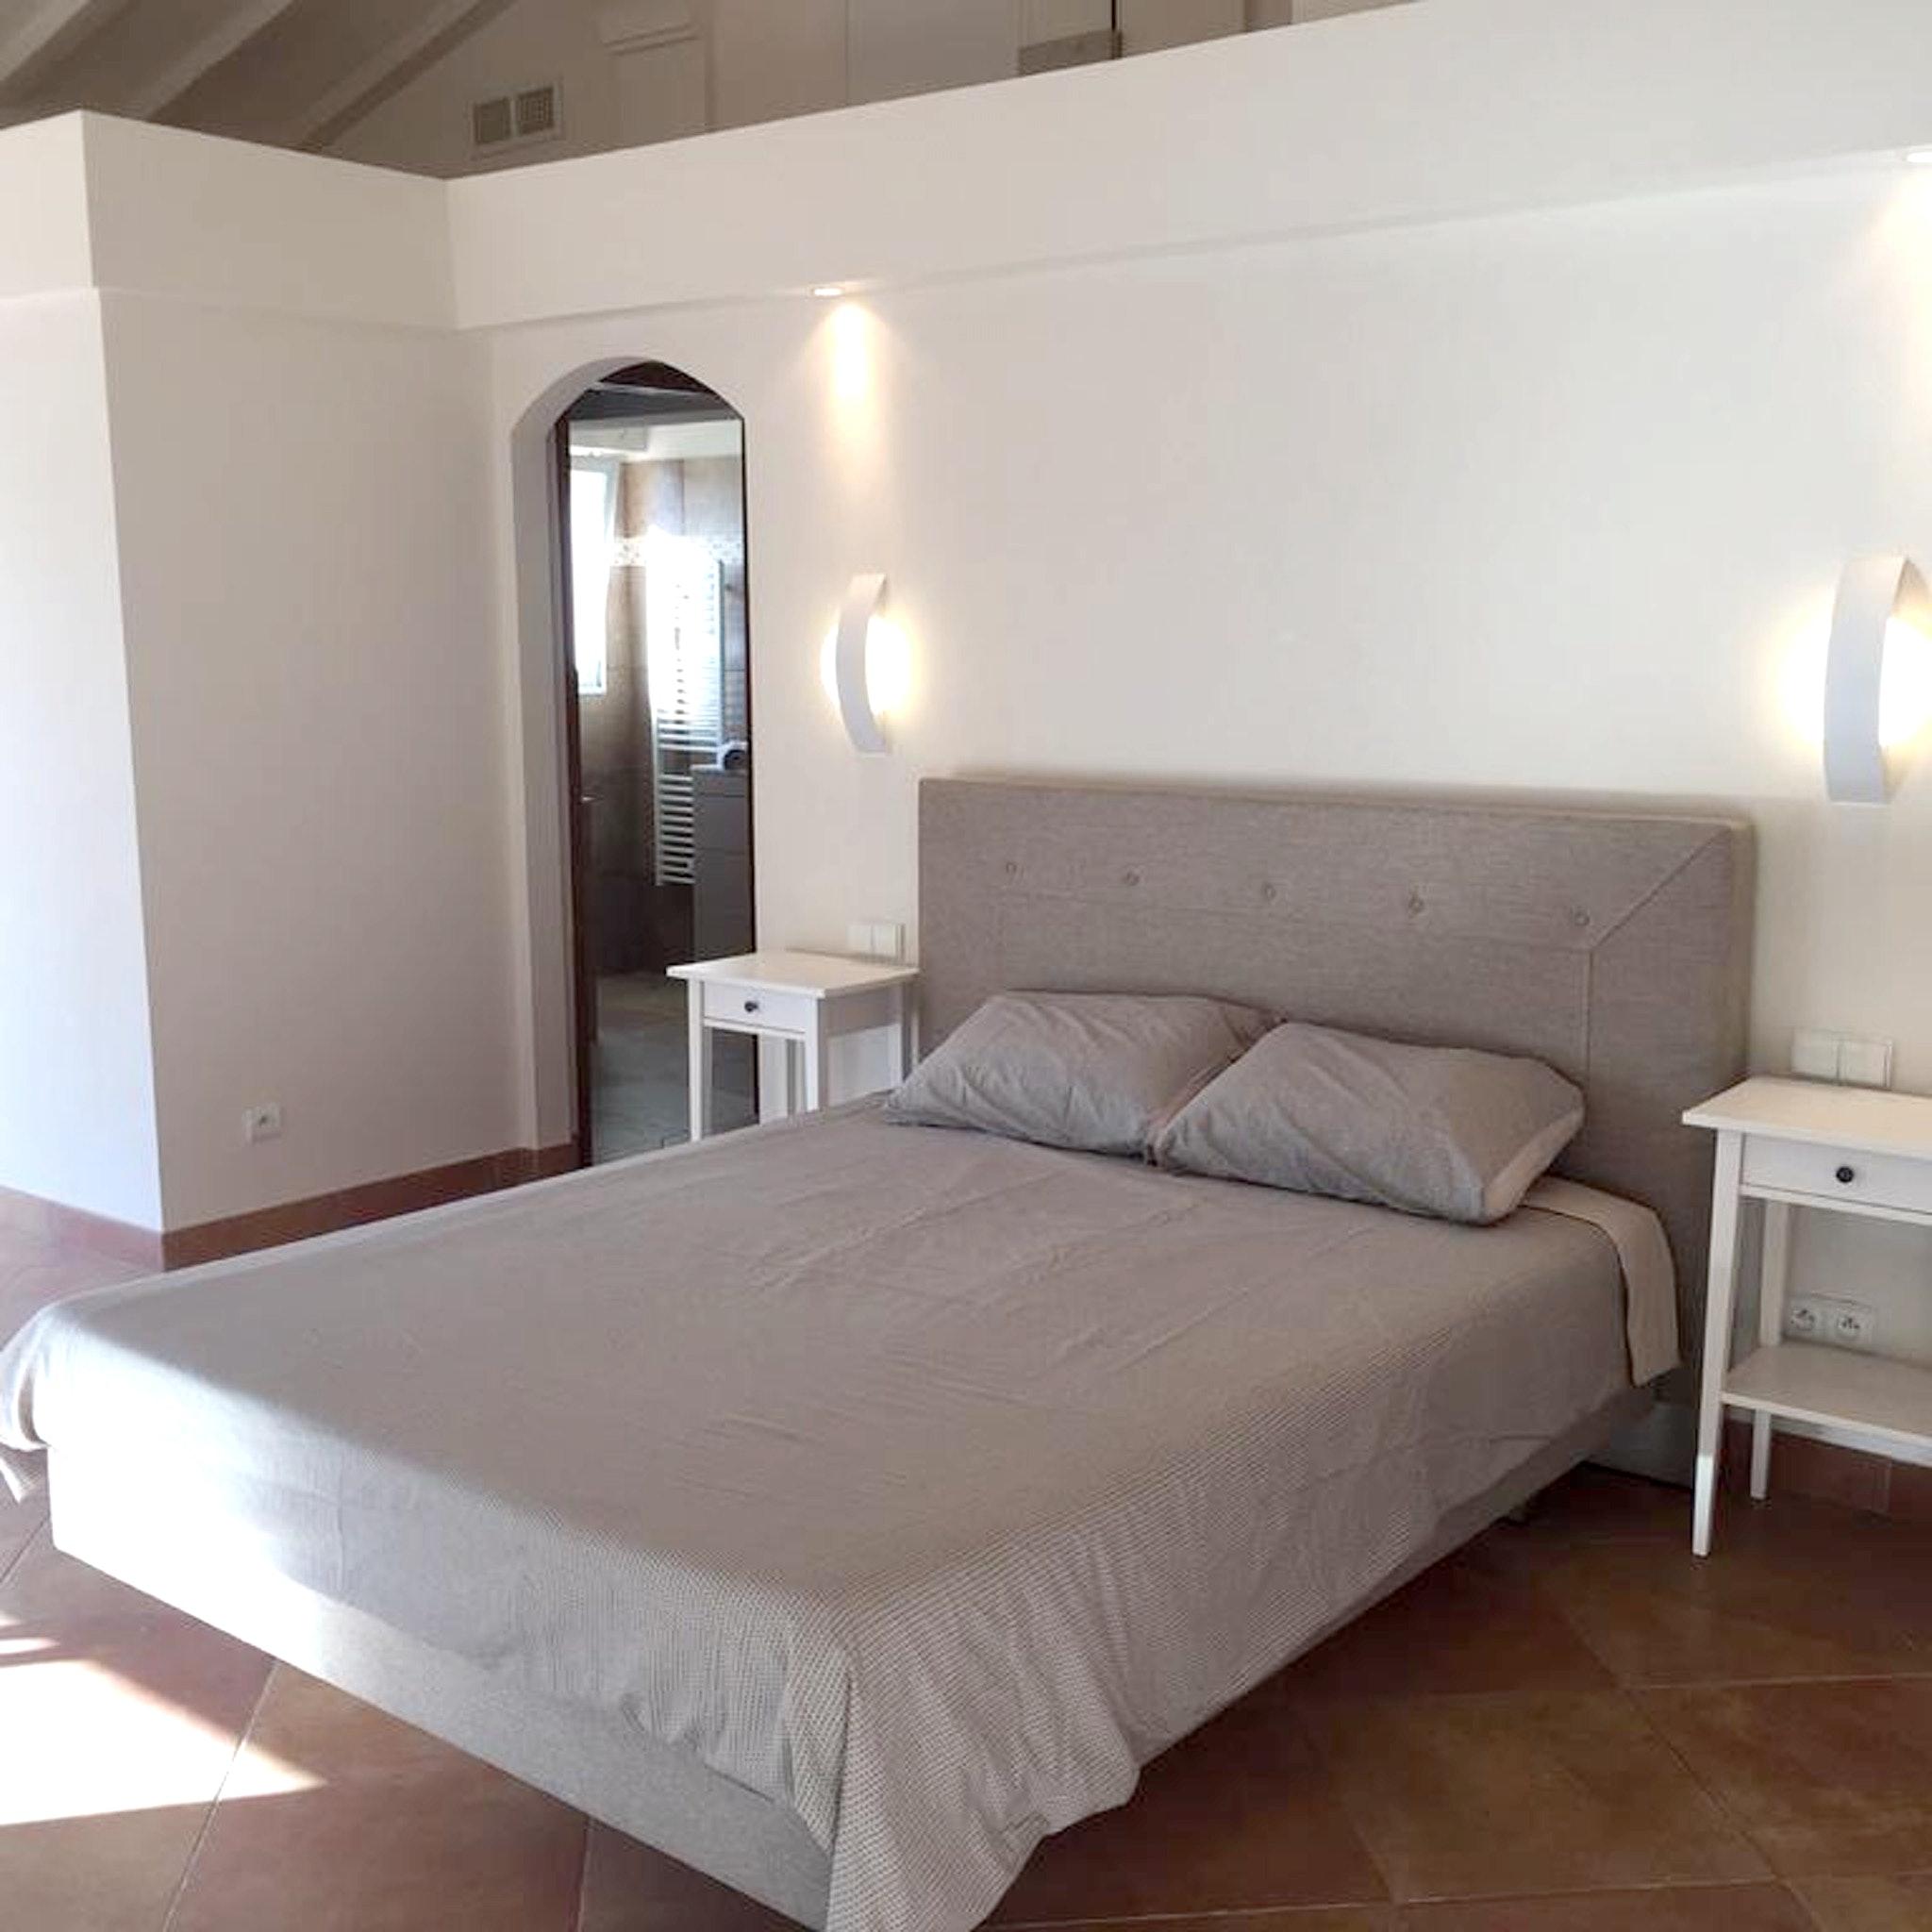 Maison de vacances Villa mit 5 Schlafzimmern in Rayol-Canadel-sur-Mer mit toller Aussicht auf die Berge, priv (2201555), Le Lavandou, Côte d'Azur, Provence - Alpes - Côte d'Azur, France, image 15